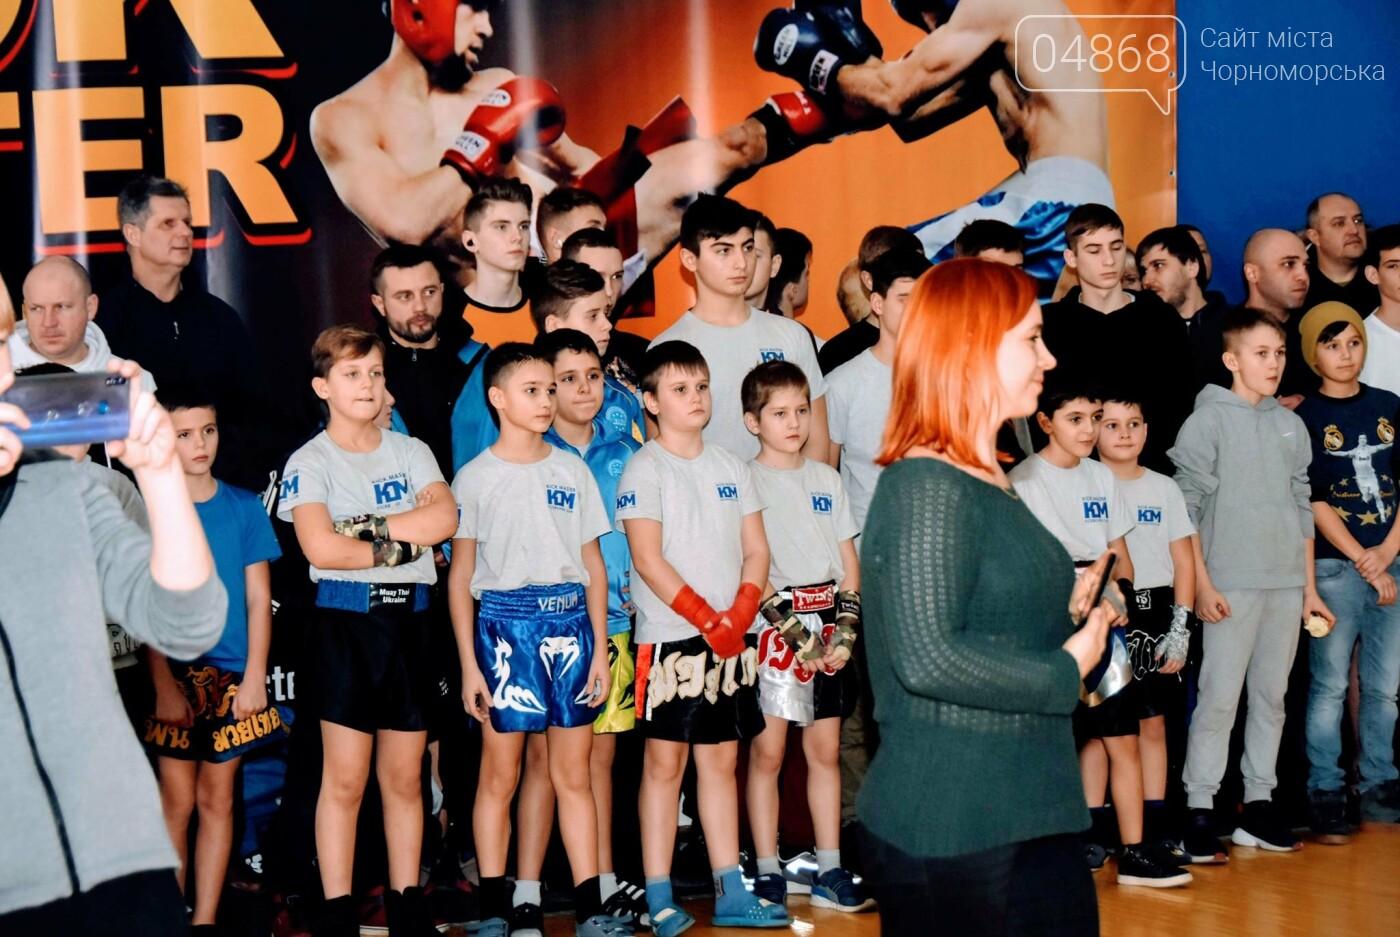 За золотом: в Черноморске прошёл турнир по кикбоксингу (видео), фото-8